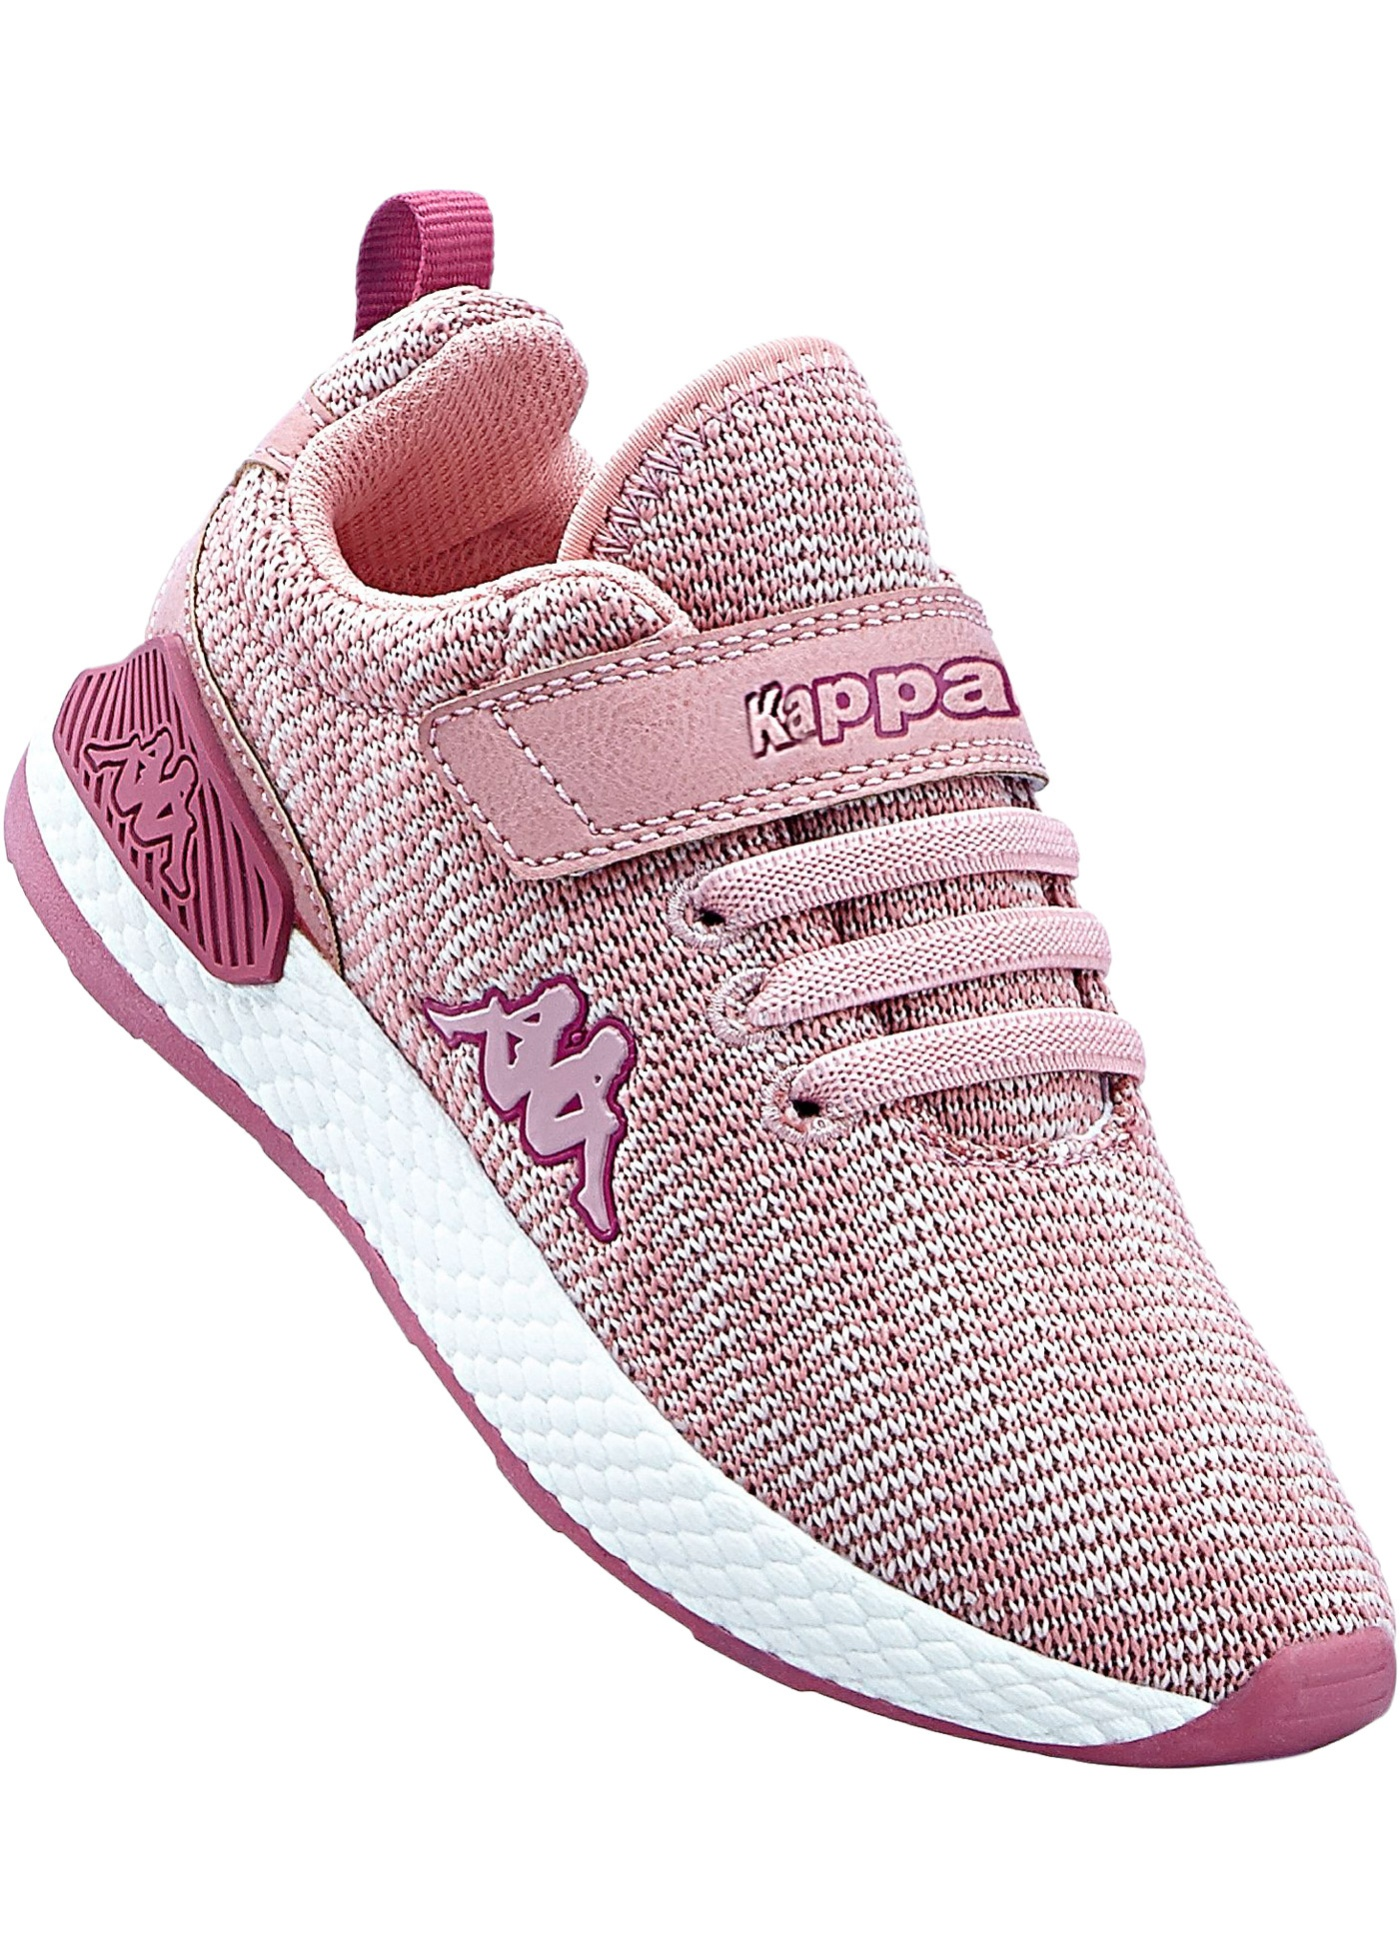 225b5c30bcd Sportovní obuv značky Kappa - Růžová